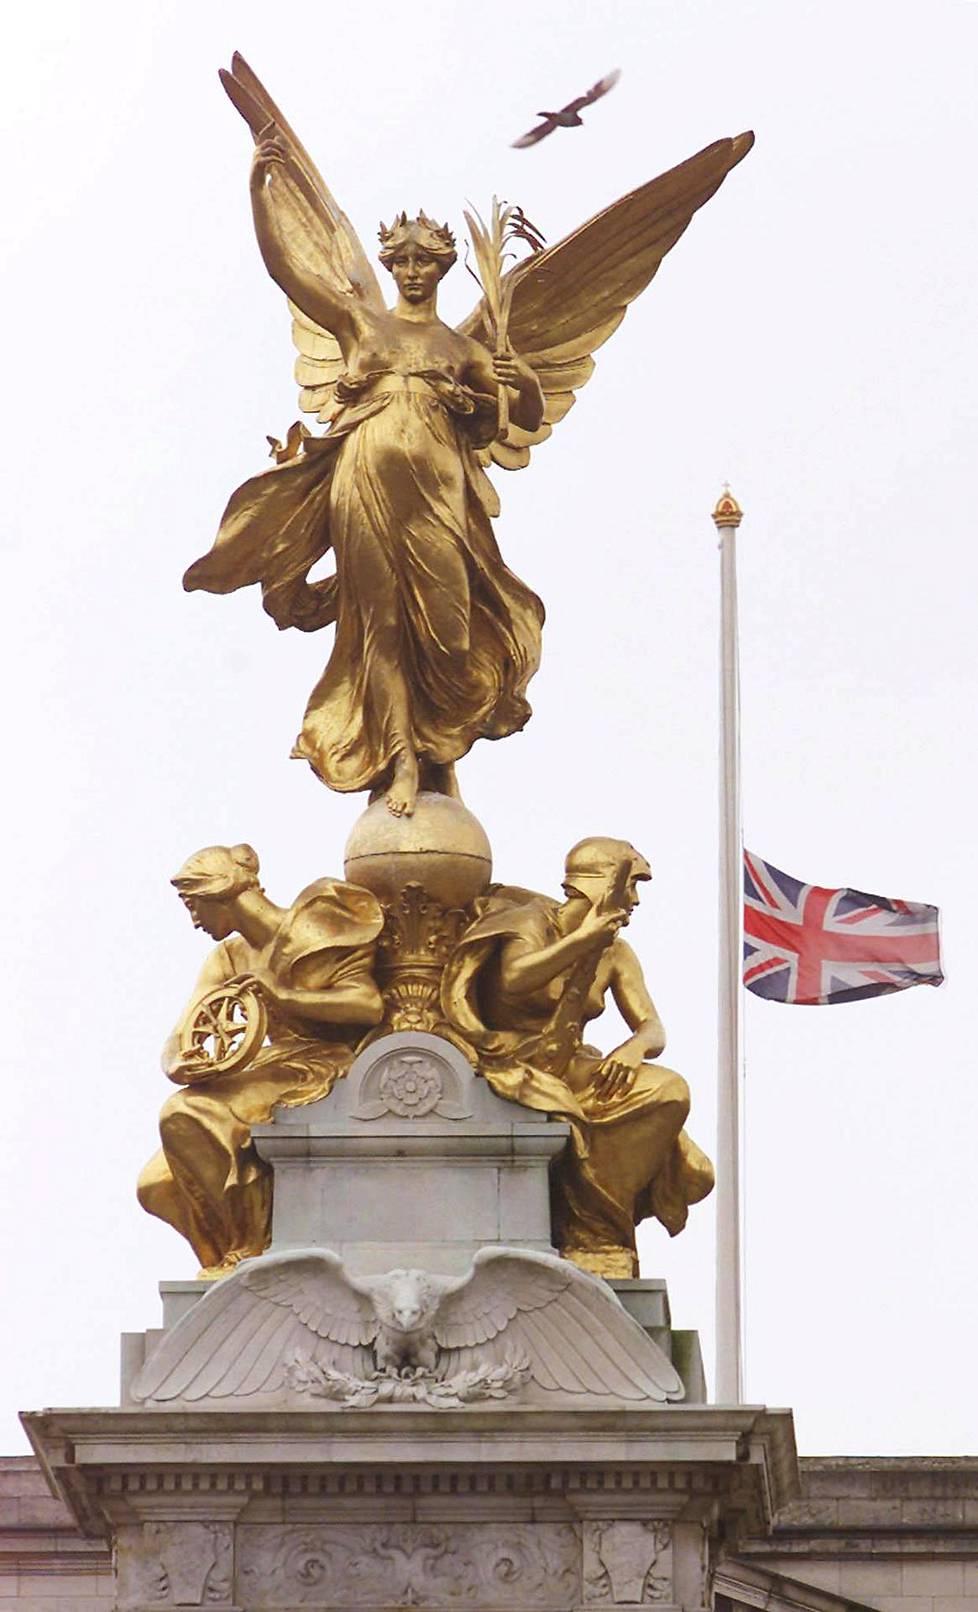 Buckinghamin palatsissa monarkin kuolemasta kertovat puolitankoon lasketut liput sekä porttiin kiinnitetty tiedote poismenosta.